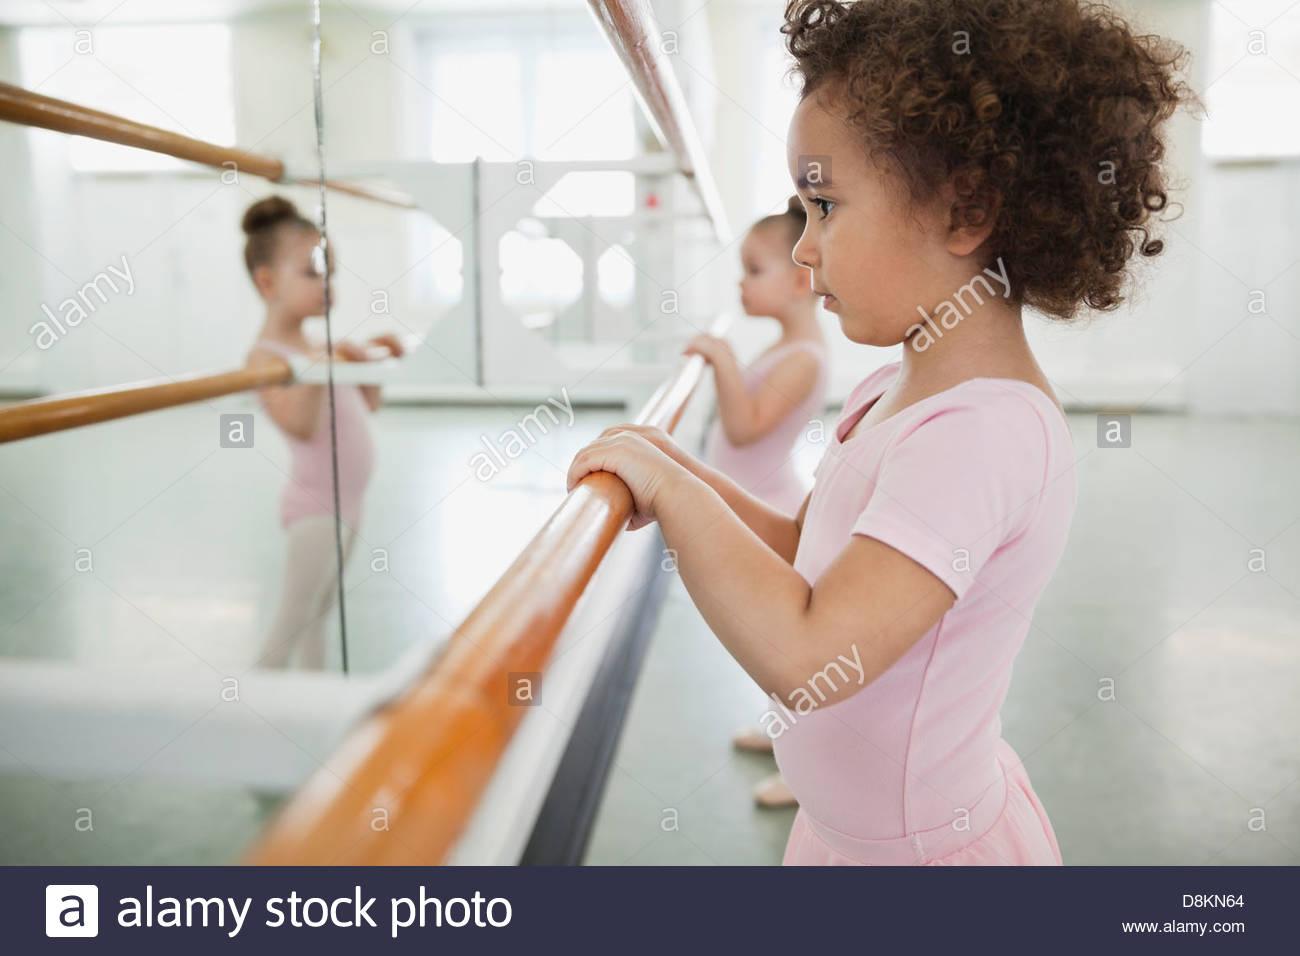 Las niñas practicar ballet en el ballet studio Imagen De Stock